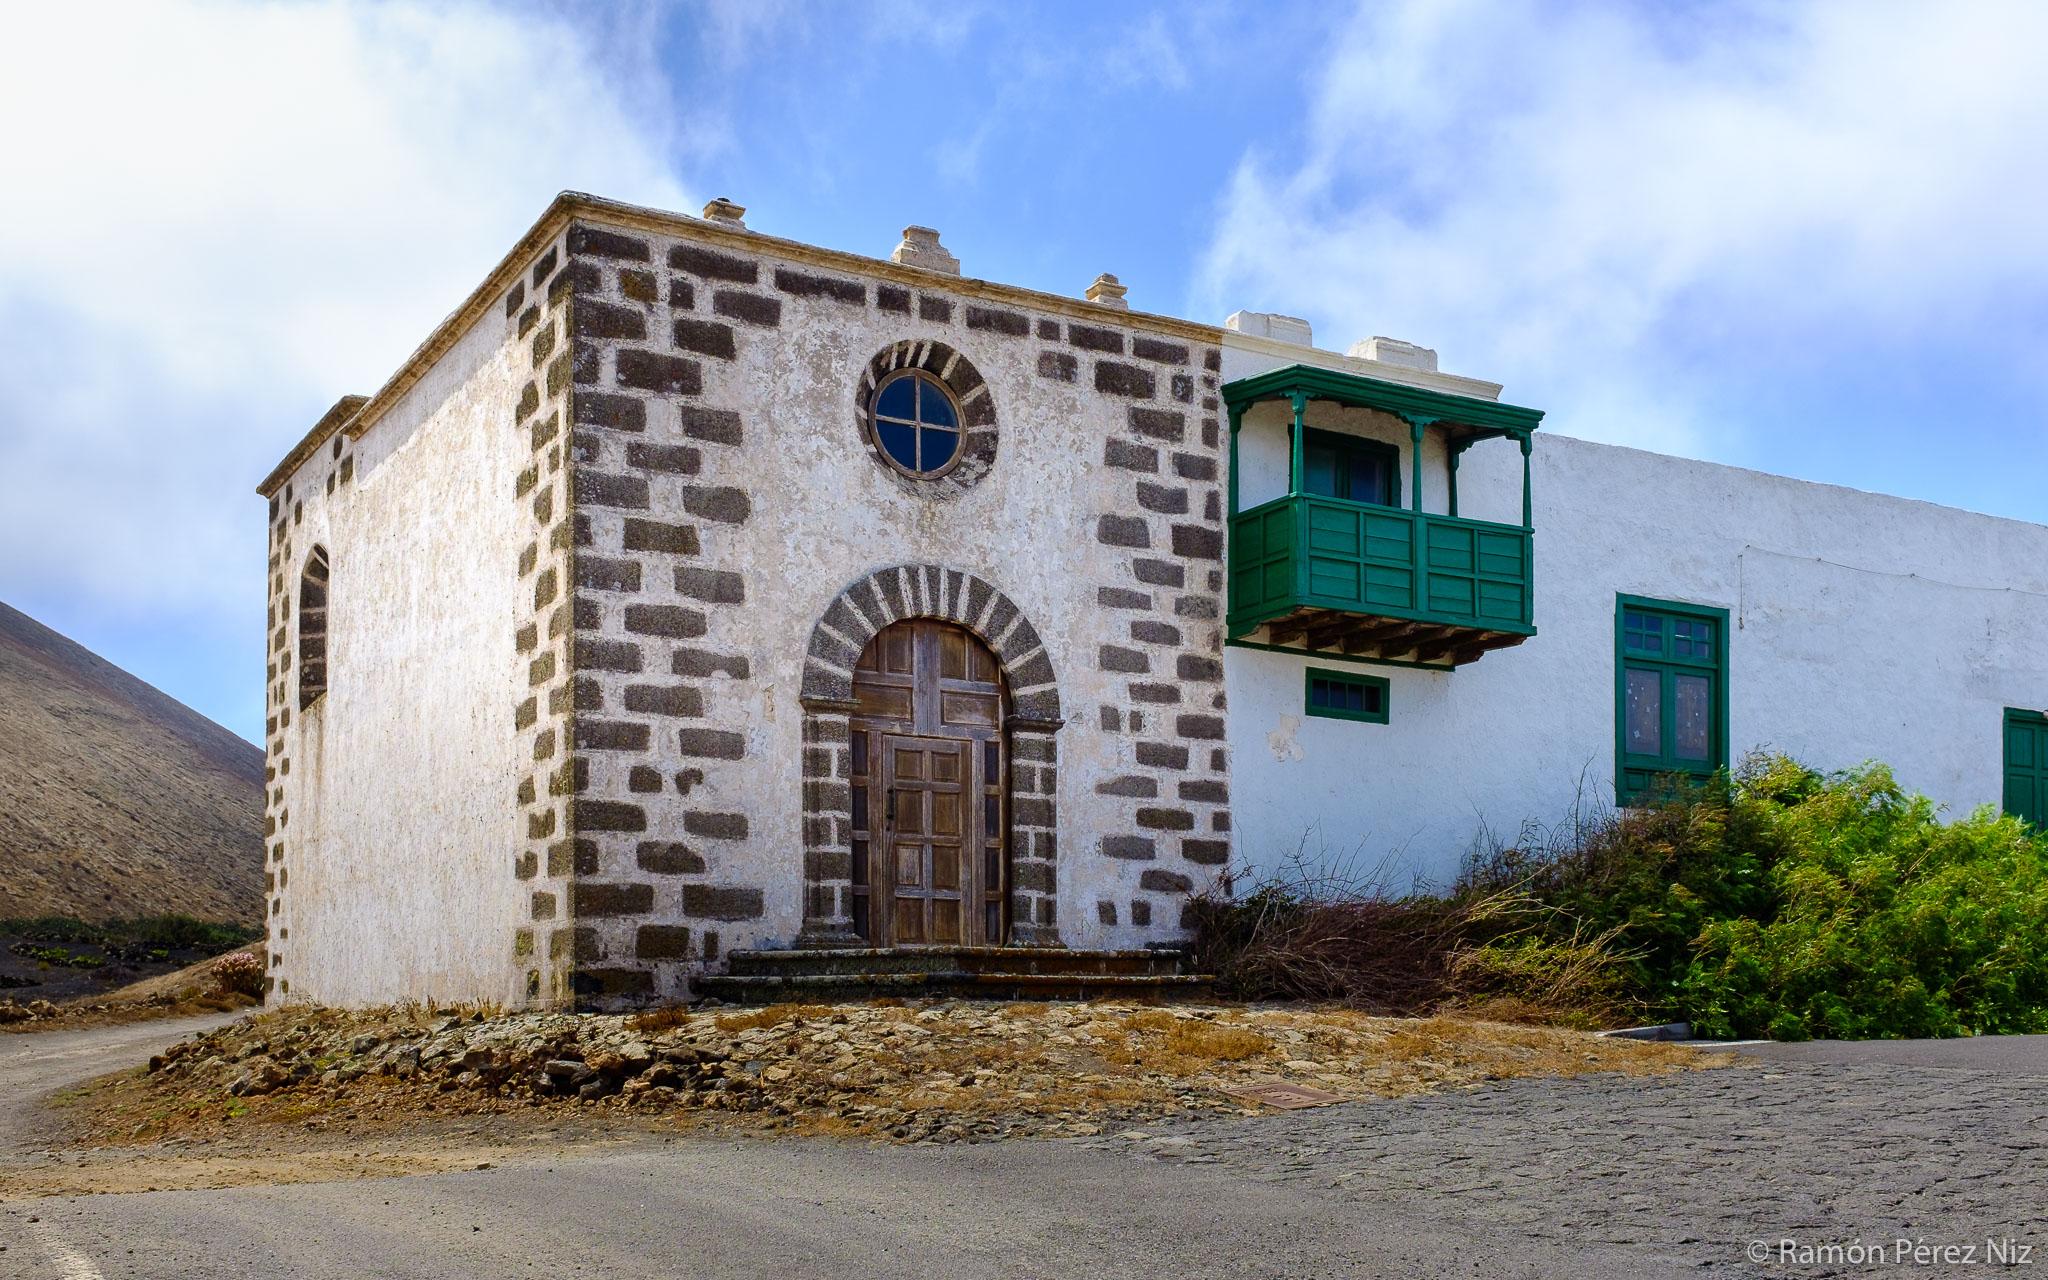 Foto de Ramón Pérez Niz en Masdache